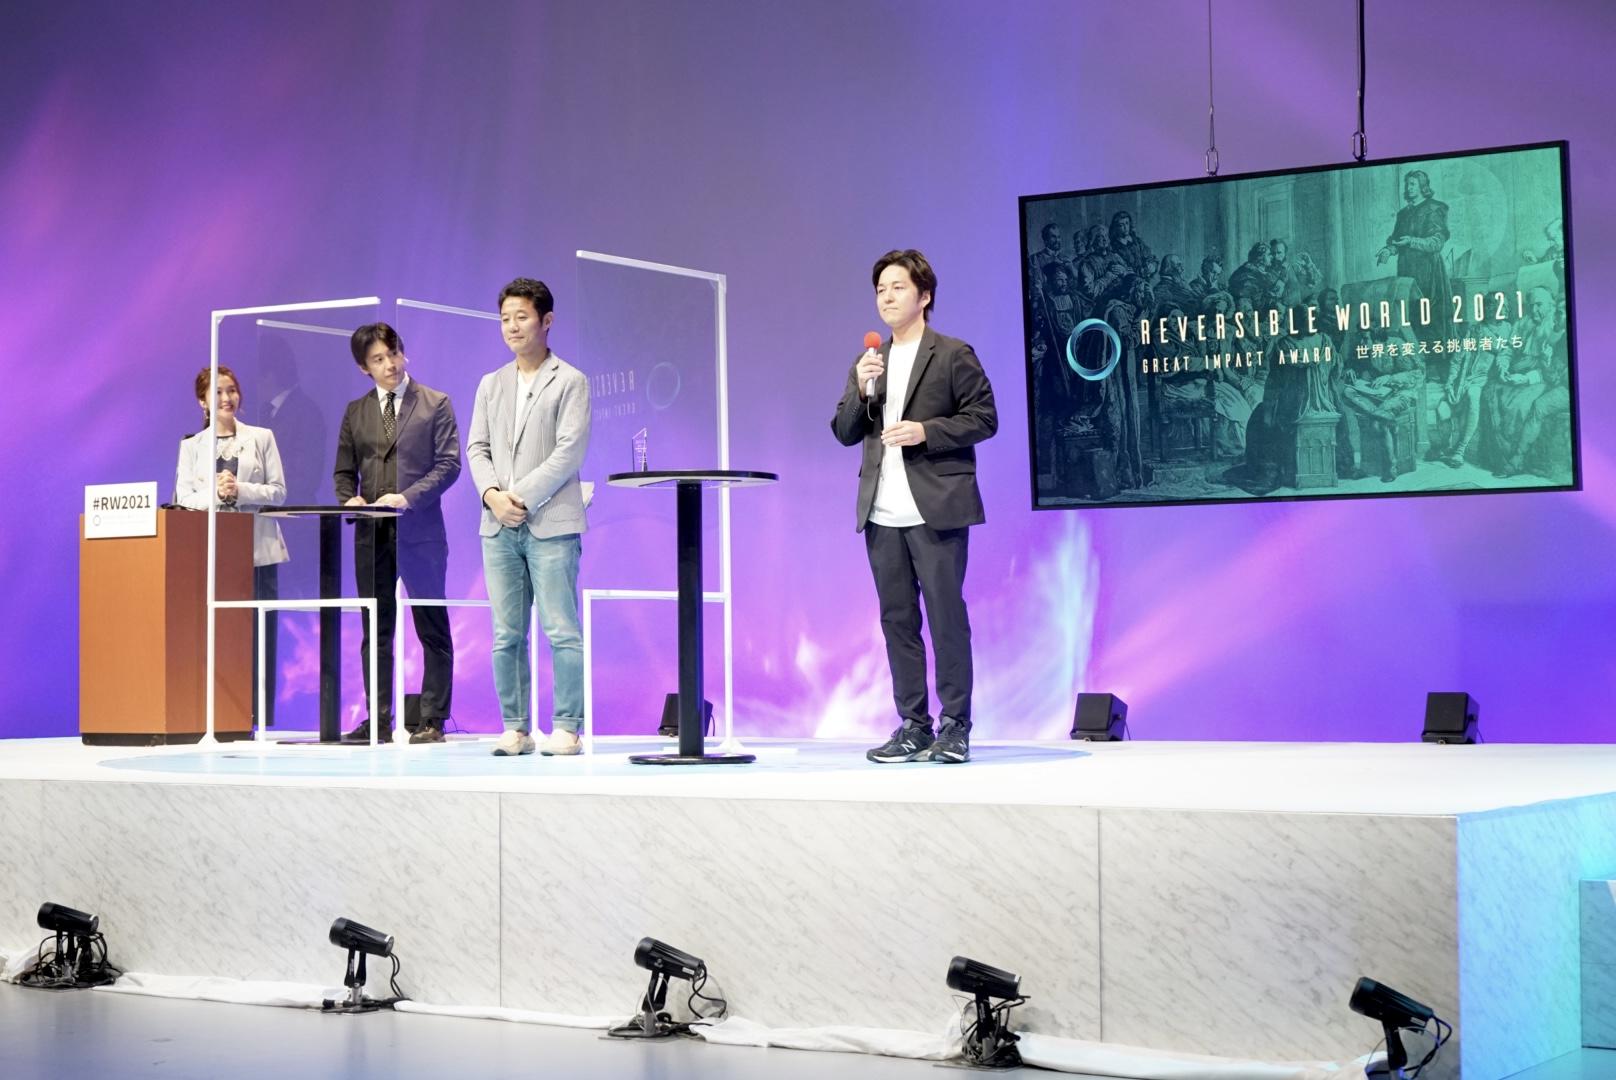 Great Entrepreneur Award「最も注目されているスタートアップ企業」カテゴリでFundsが2位を受賞